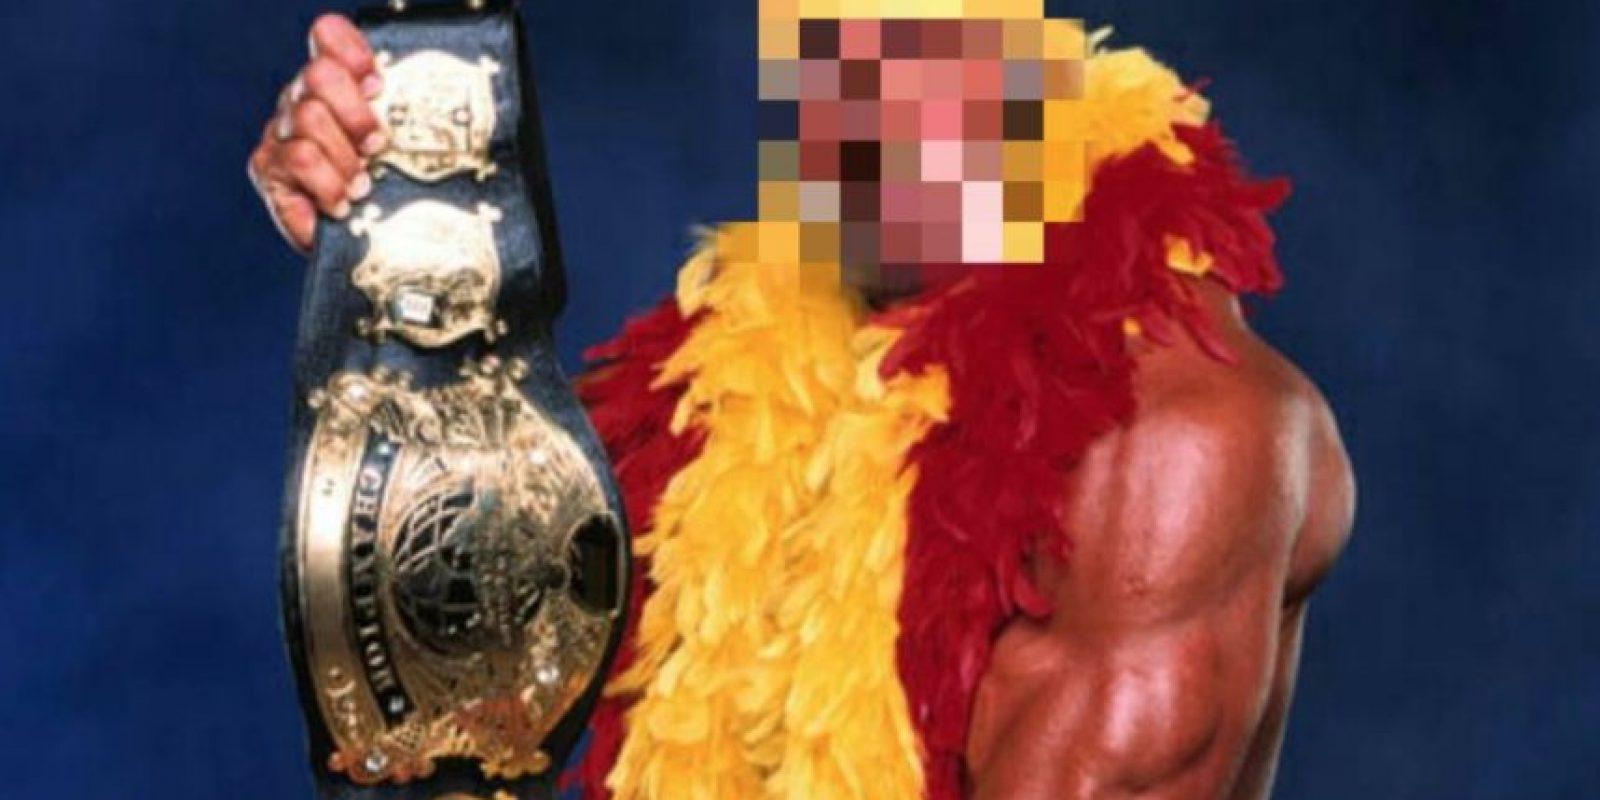 Y así se burlaron en redes sociales. Foto:Vía facebook.com/WWEMEMES